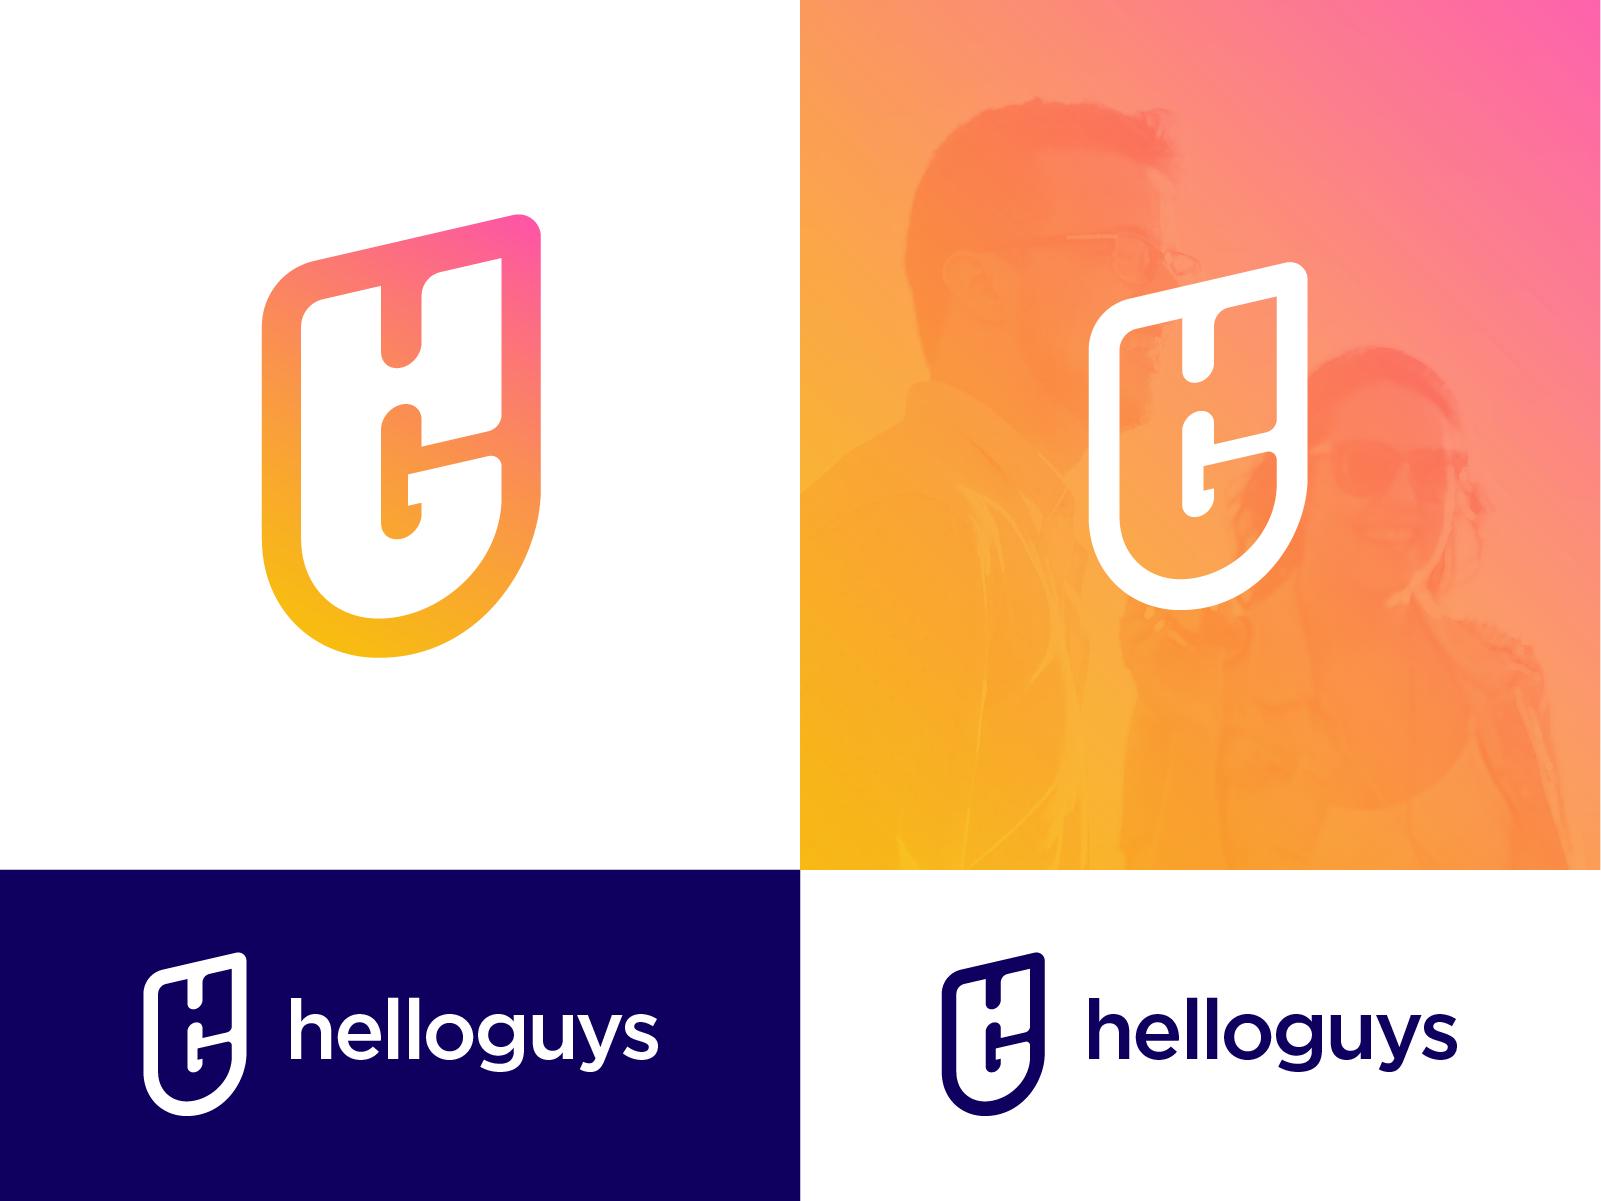 Helloguys 03